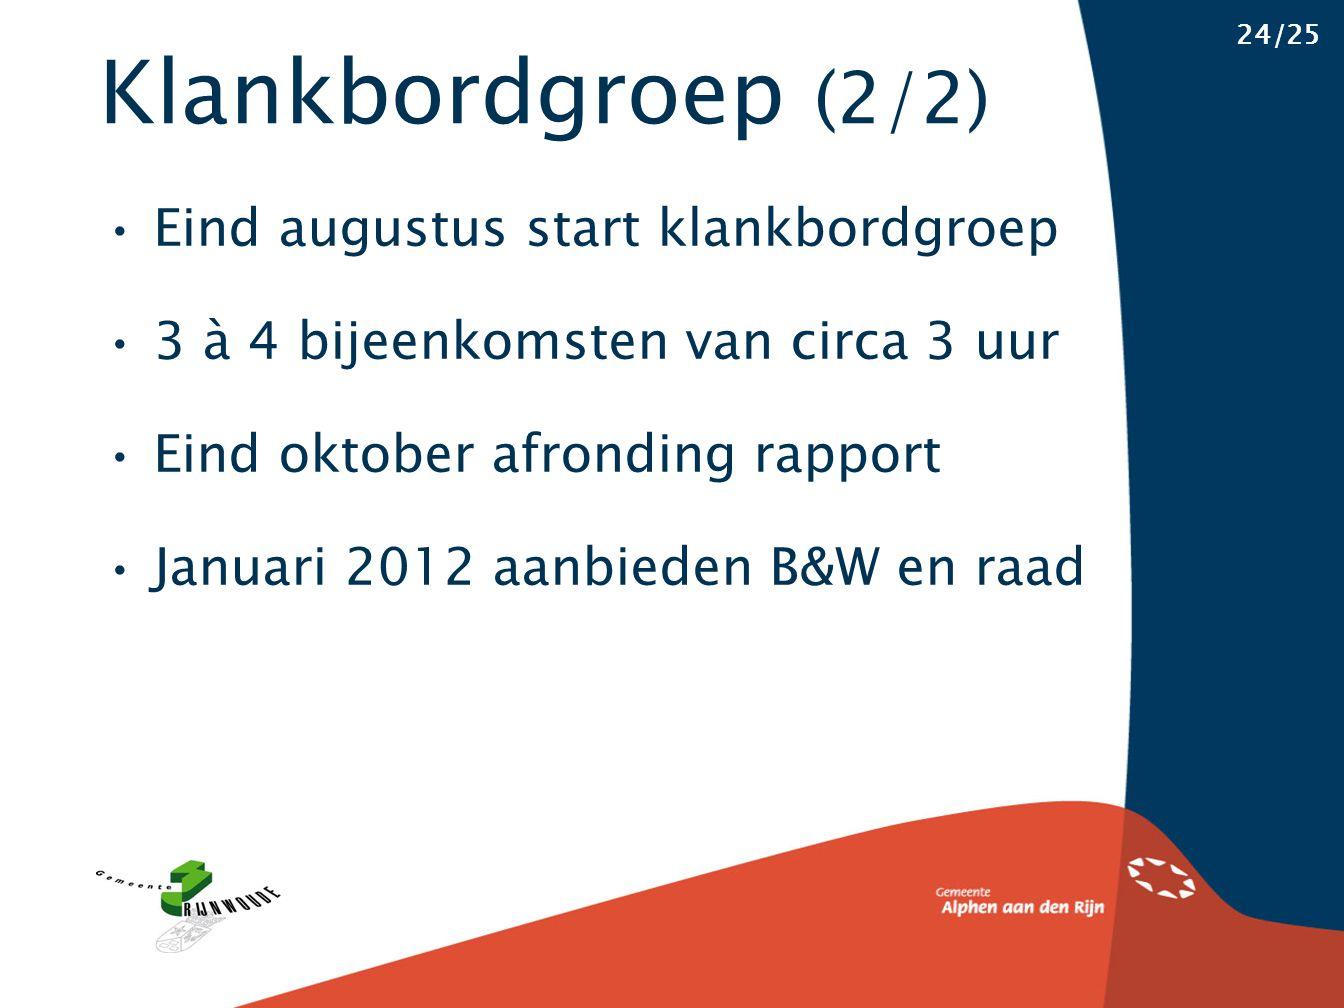 Klankbordgroep (2/2) 24/25 Eind augustus start klankbordgroep 3 à 4 bijeenkomsten van circa 3 uur Eind oktober afronding rapport Januari 2012 aanbiede